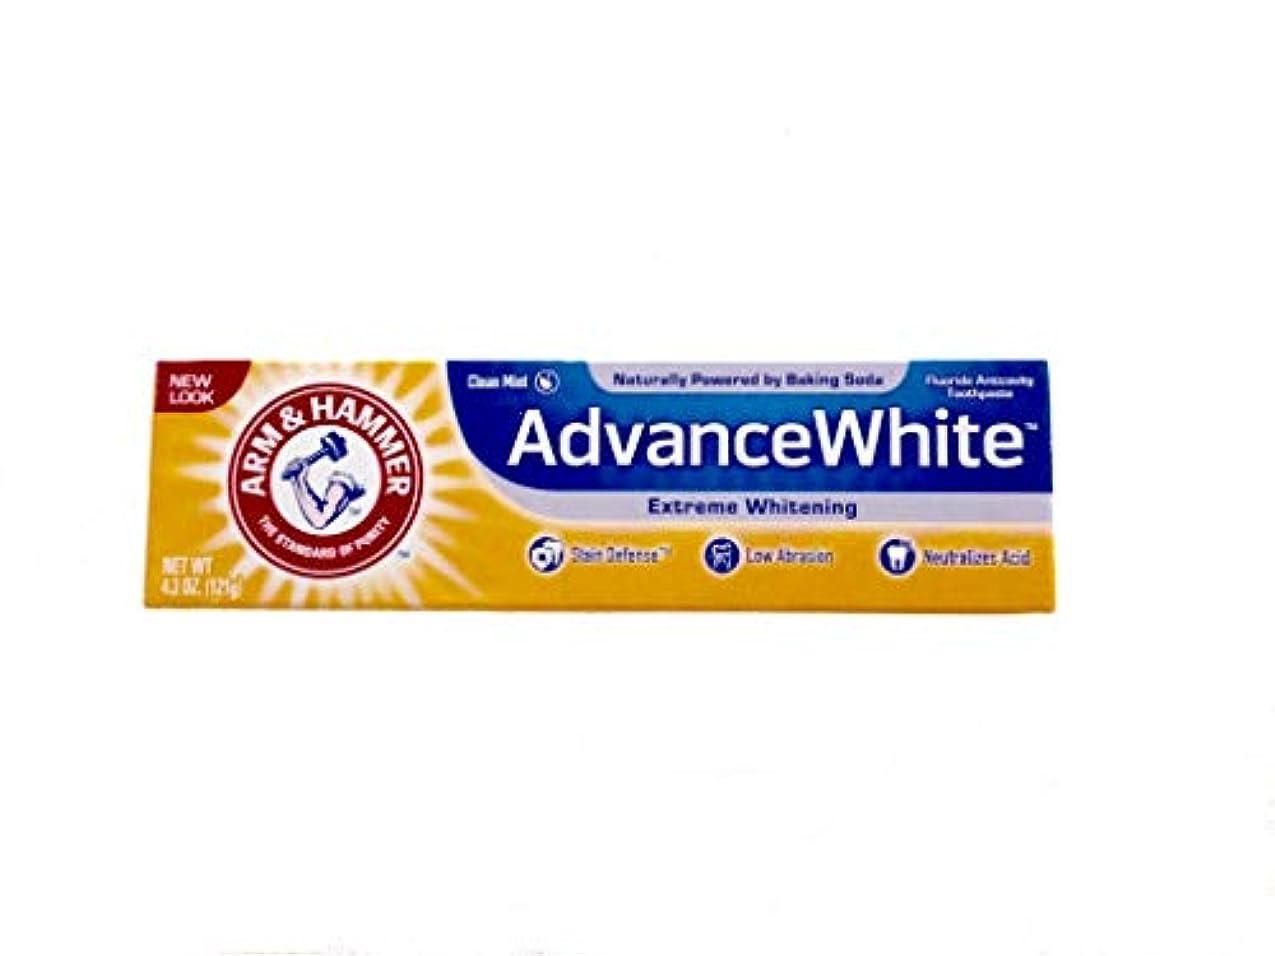 後遷移更新Arm & Hammer Advance White Fluoride Anti-Cavity Toothpaste with Baking Soda & Peroxide - 4.3 oz by Arm & Hammer...